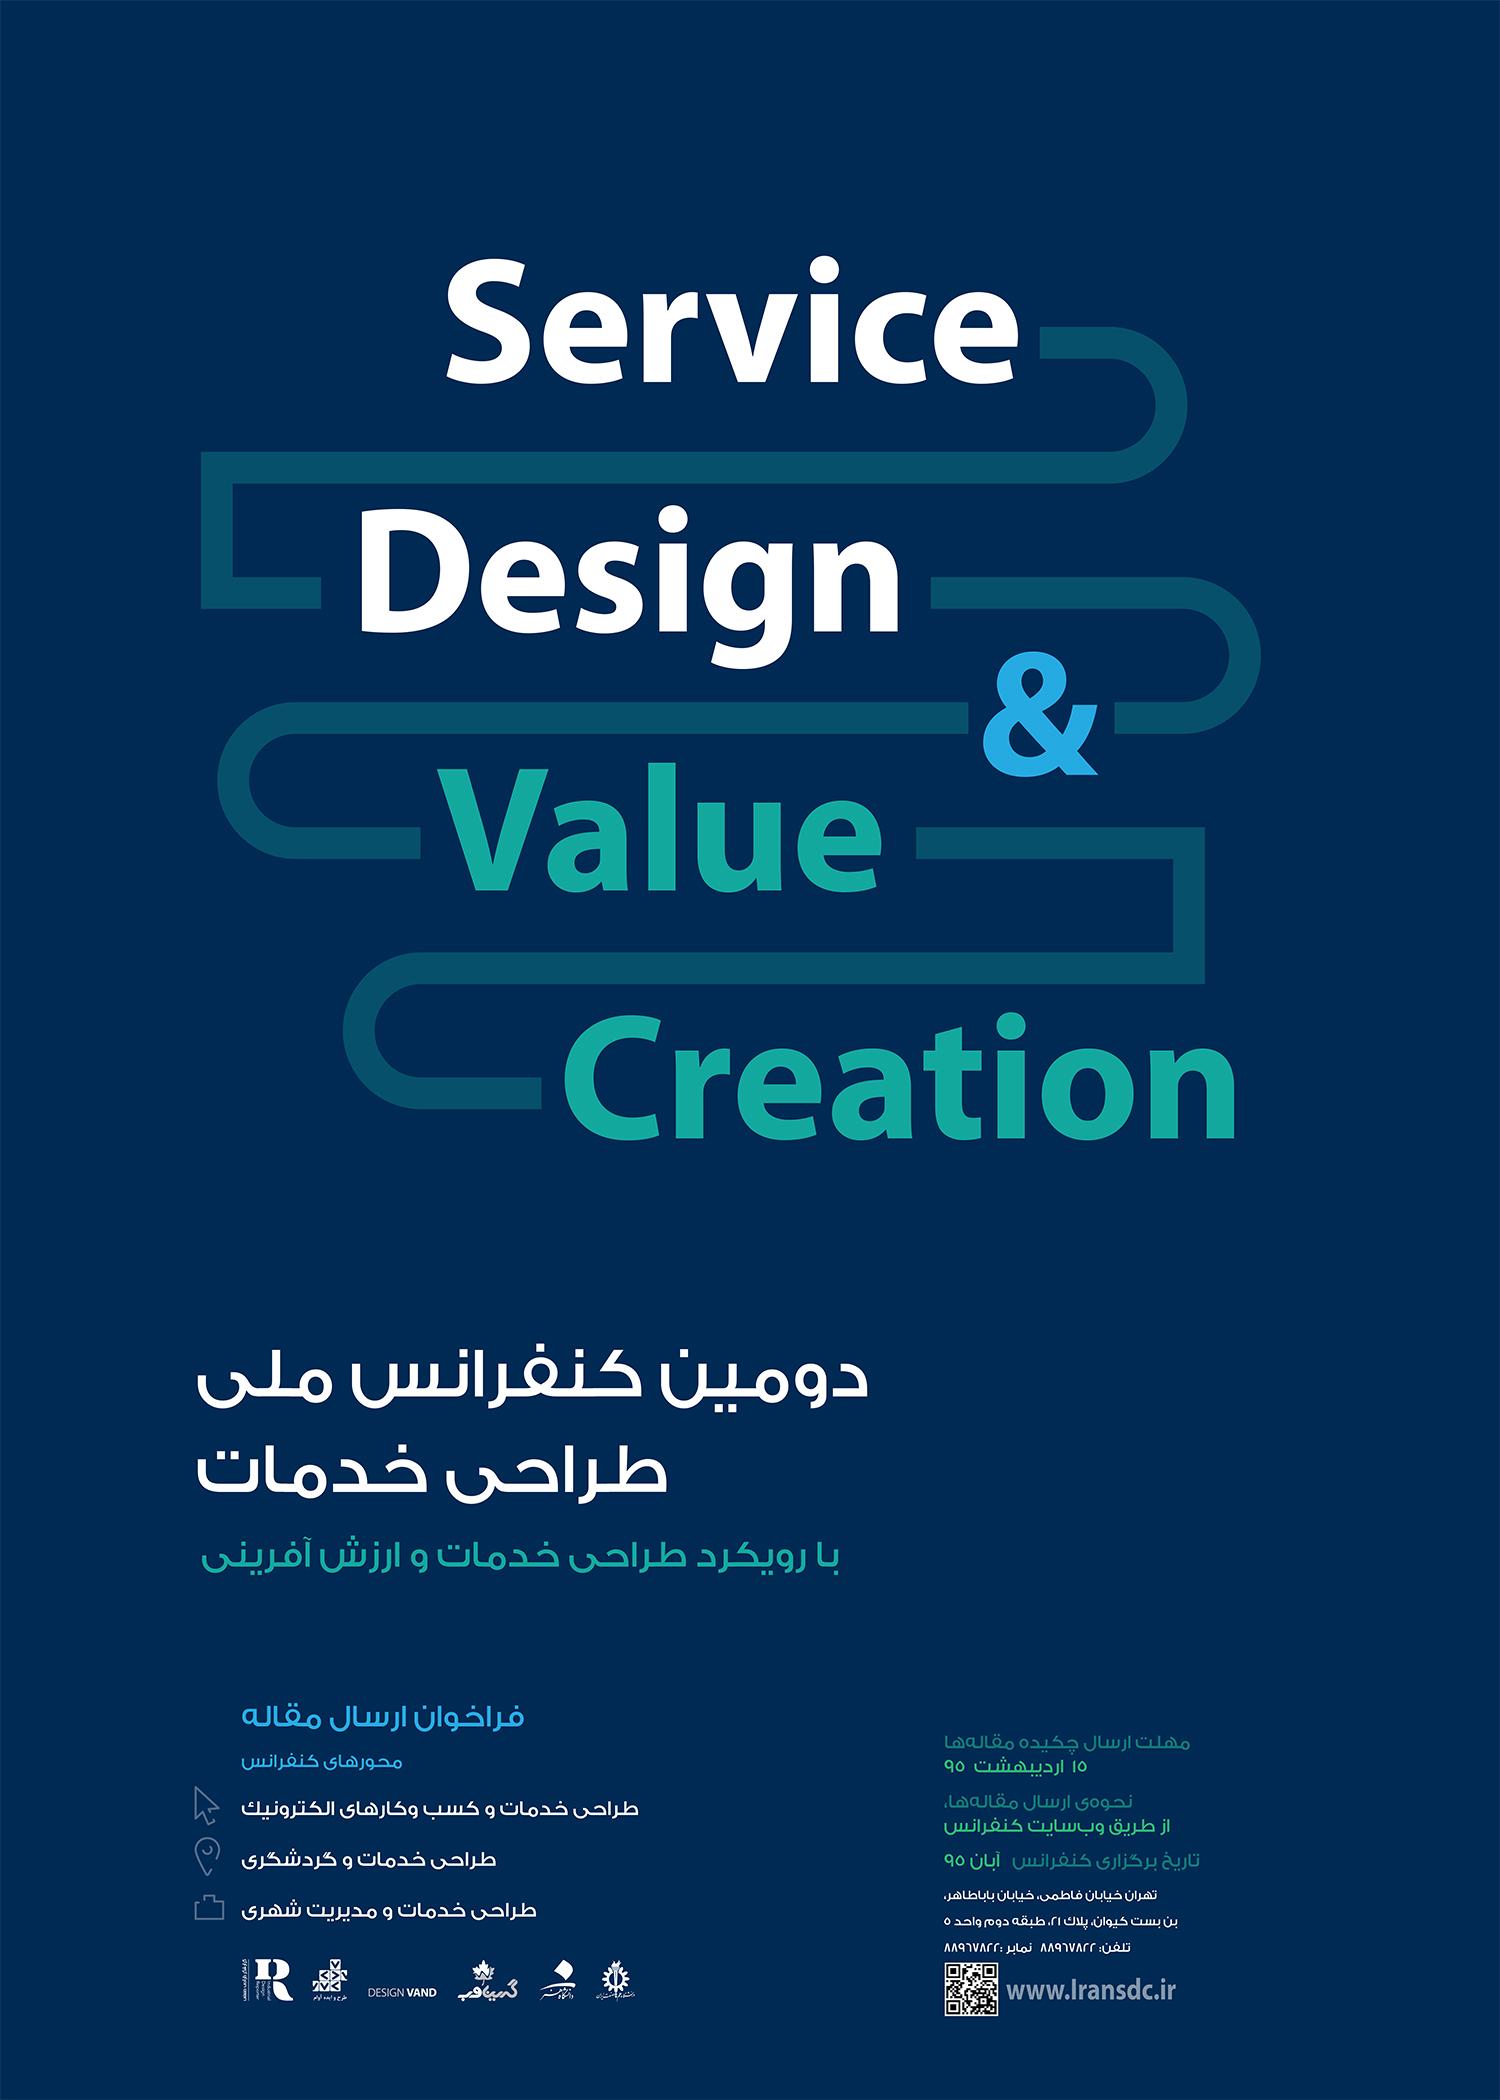 دومین کنفرانس ملی طراحی خدمات